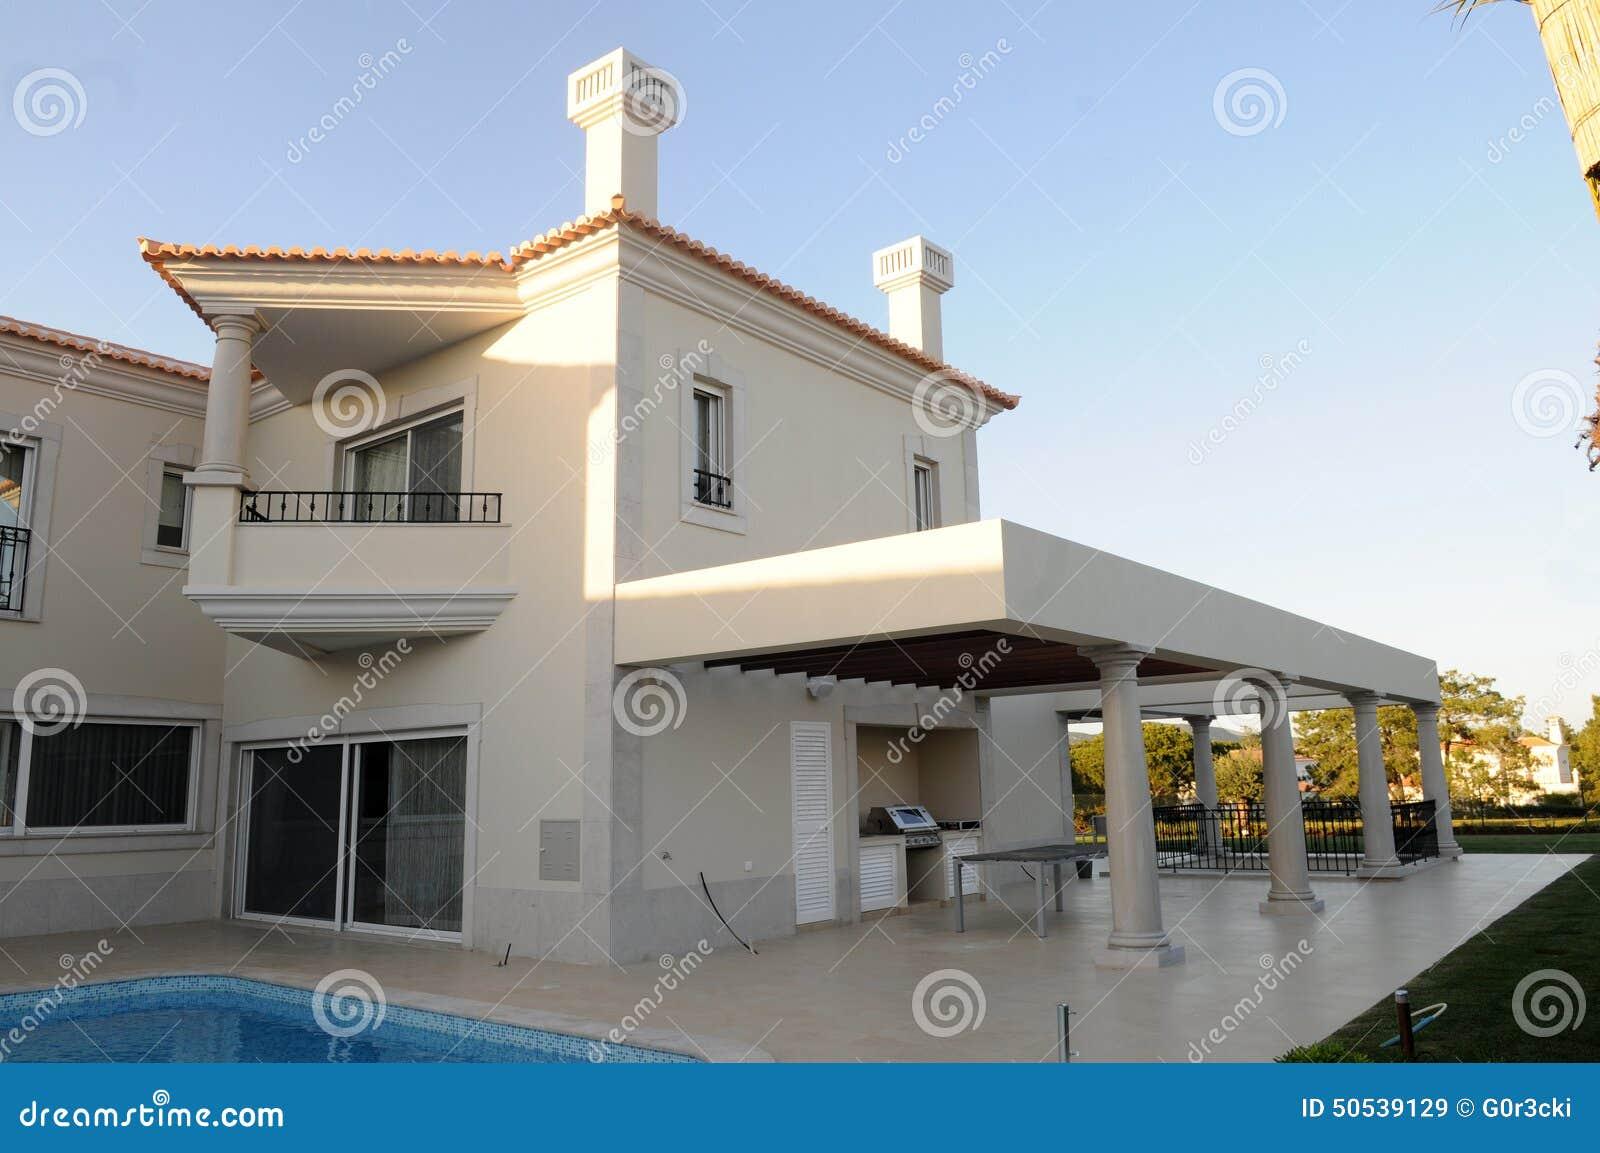 Pueblo moderno con el patio y la piscina de la parrilla for Parrillas para casas modernas